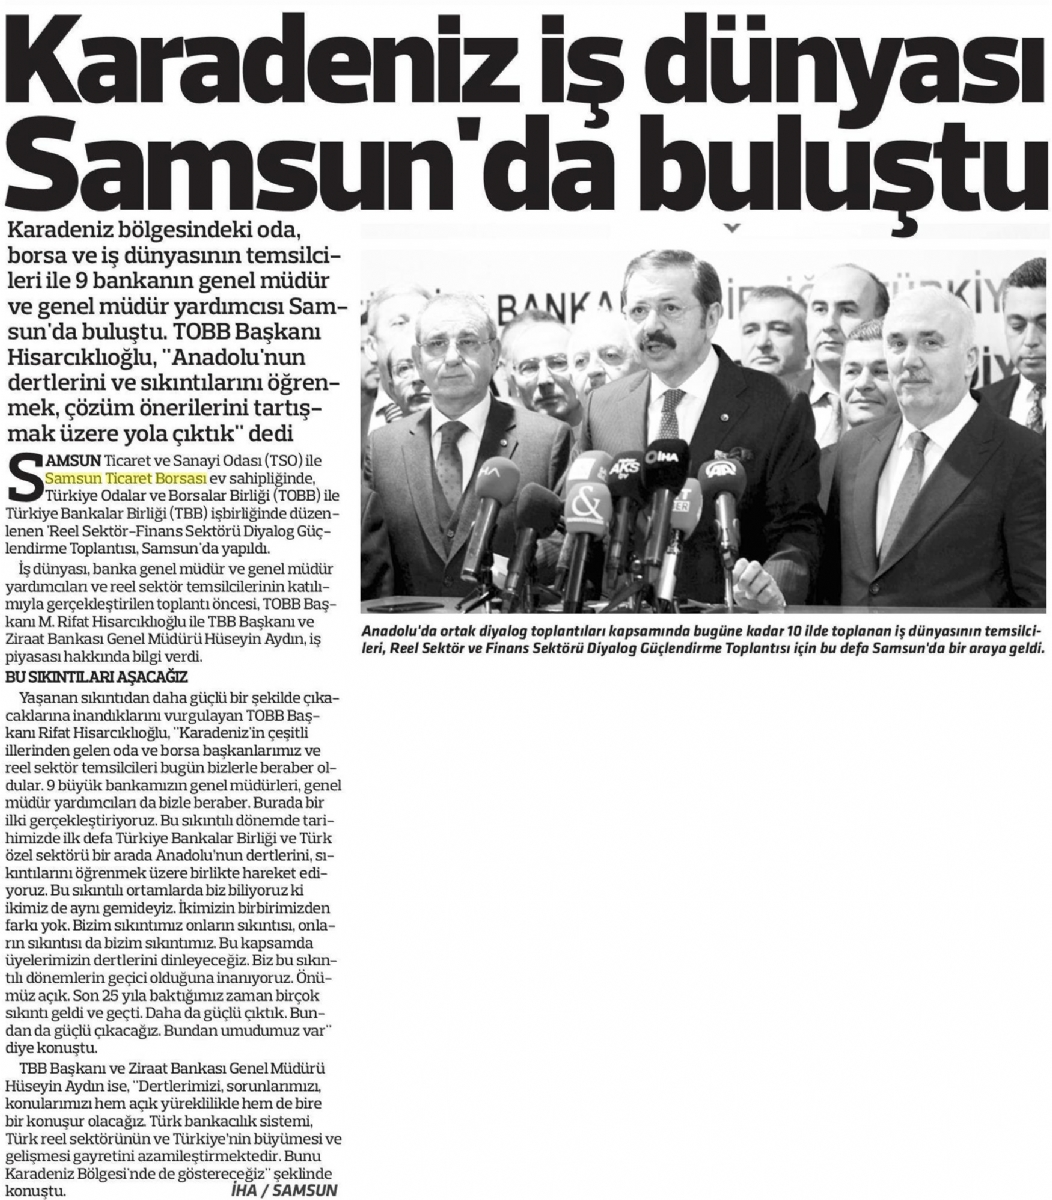 Karadeniz İş Dünyası Samsun'da Buluştu.